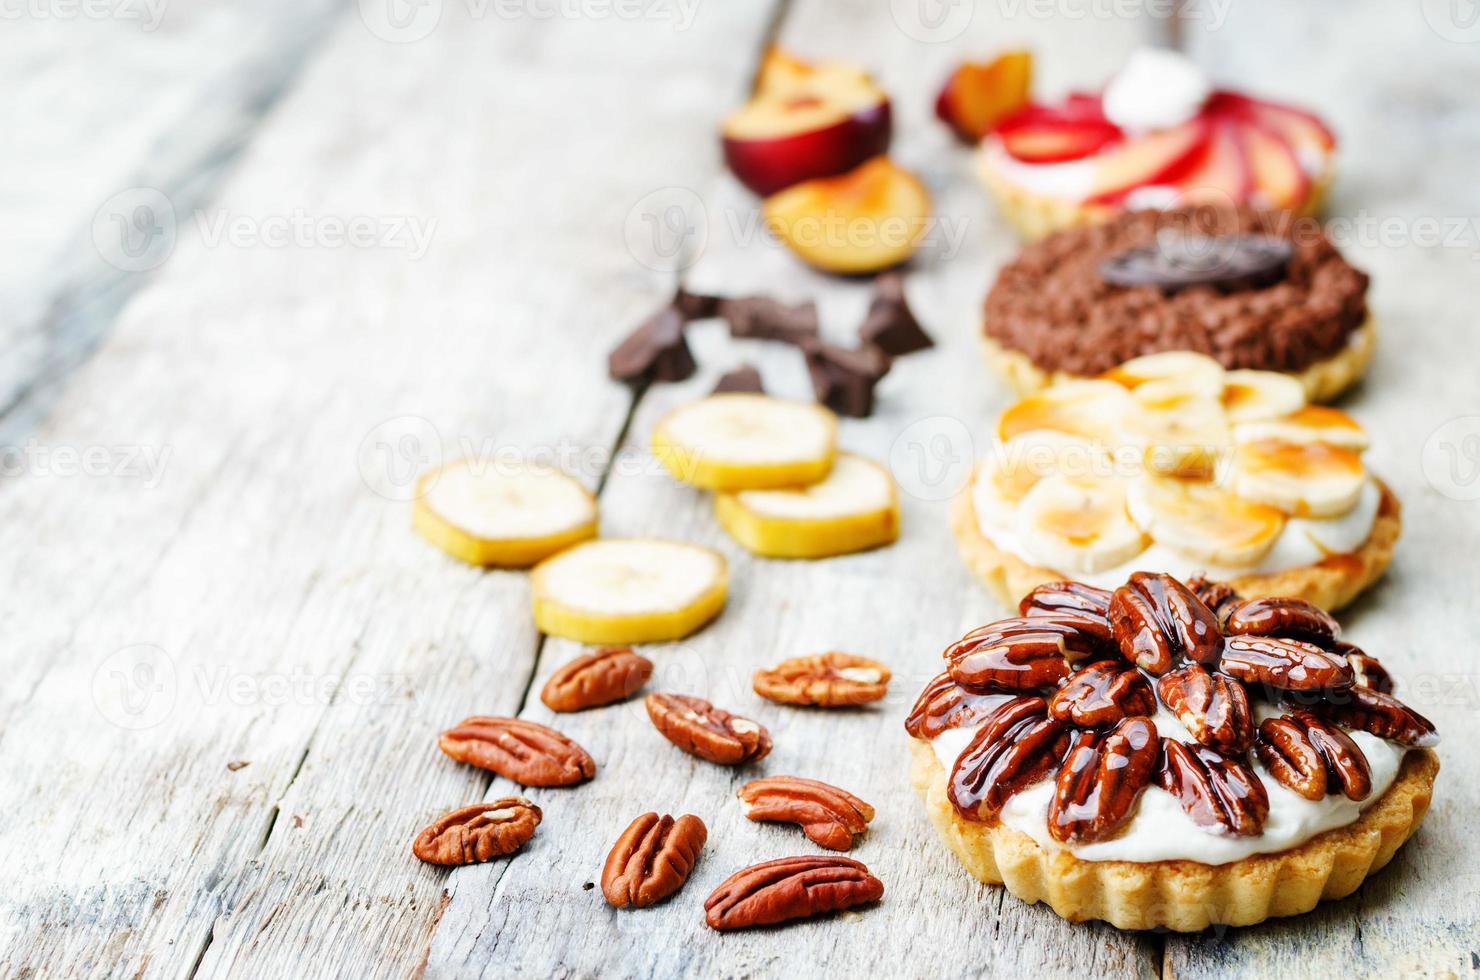 tartelettes banane caramel salé chocolat prune miel miel noix de pécan photo